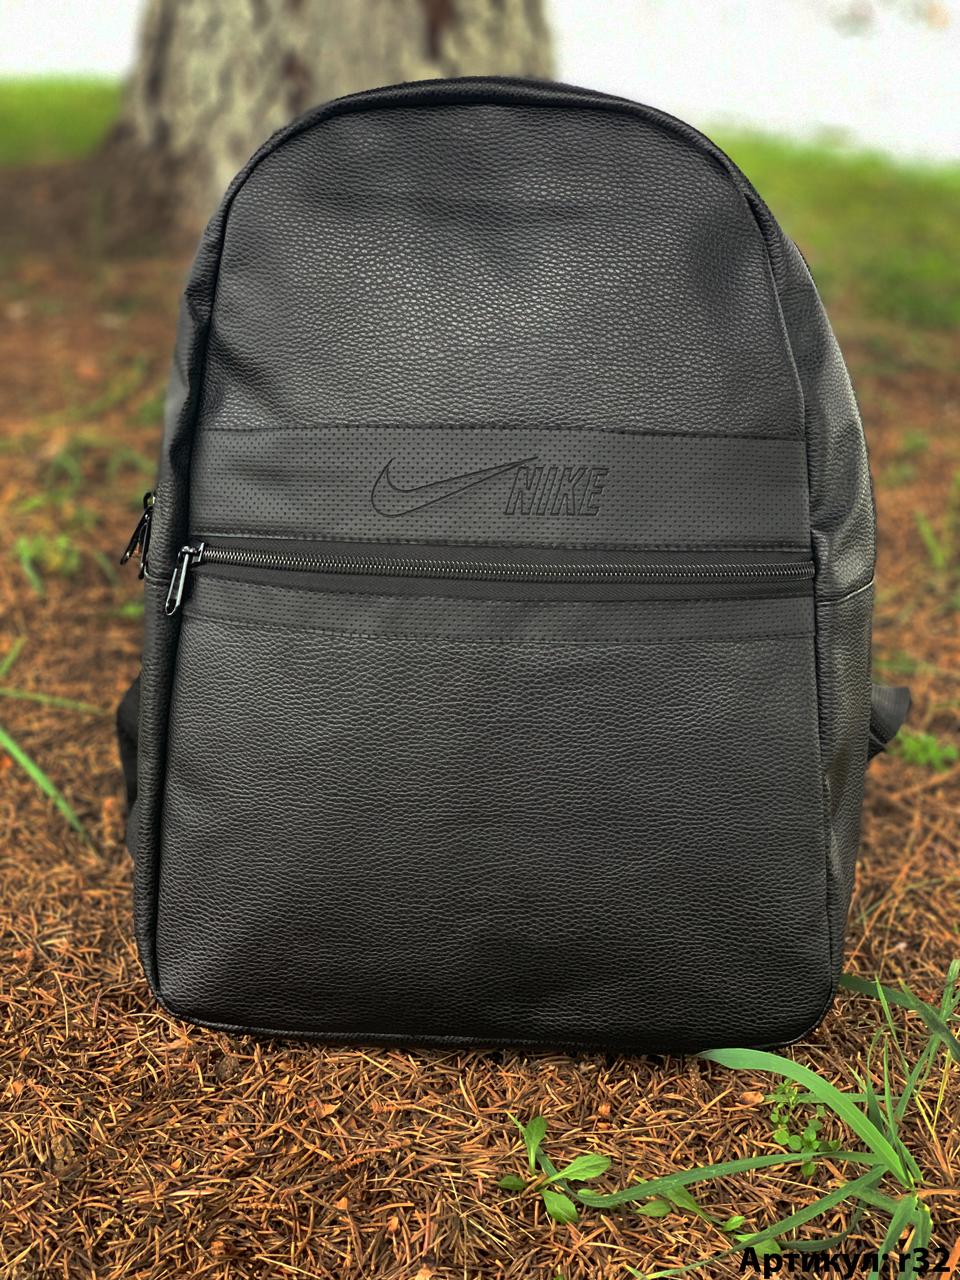 Рюкзак Nike кожа стильный городской спортивный горный школьный мужской, женский